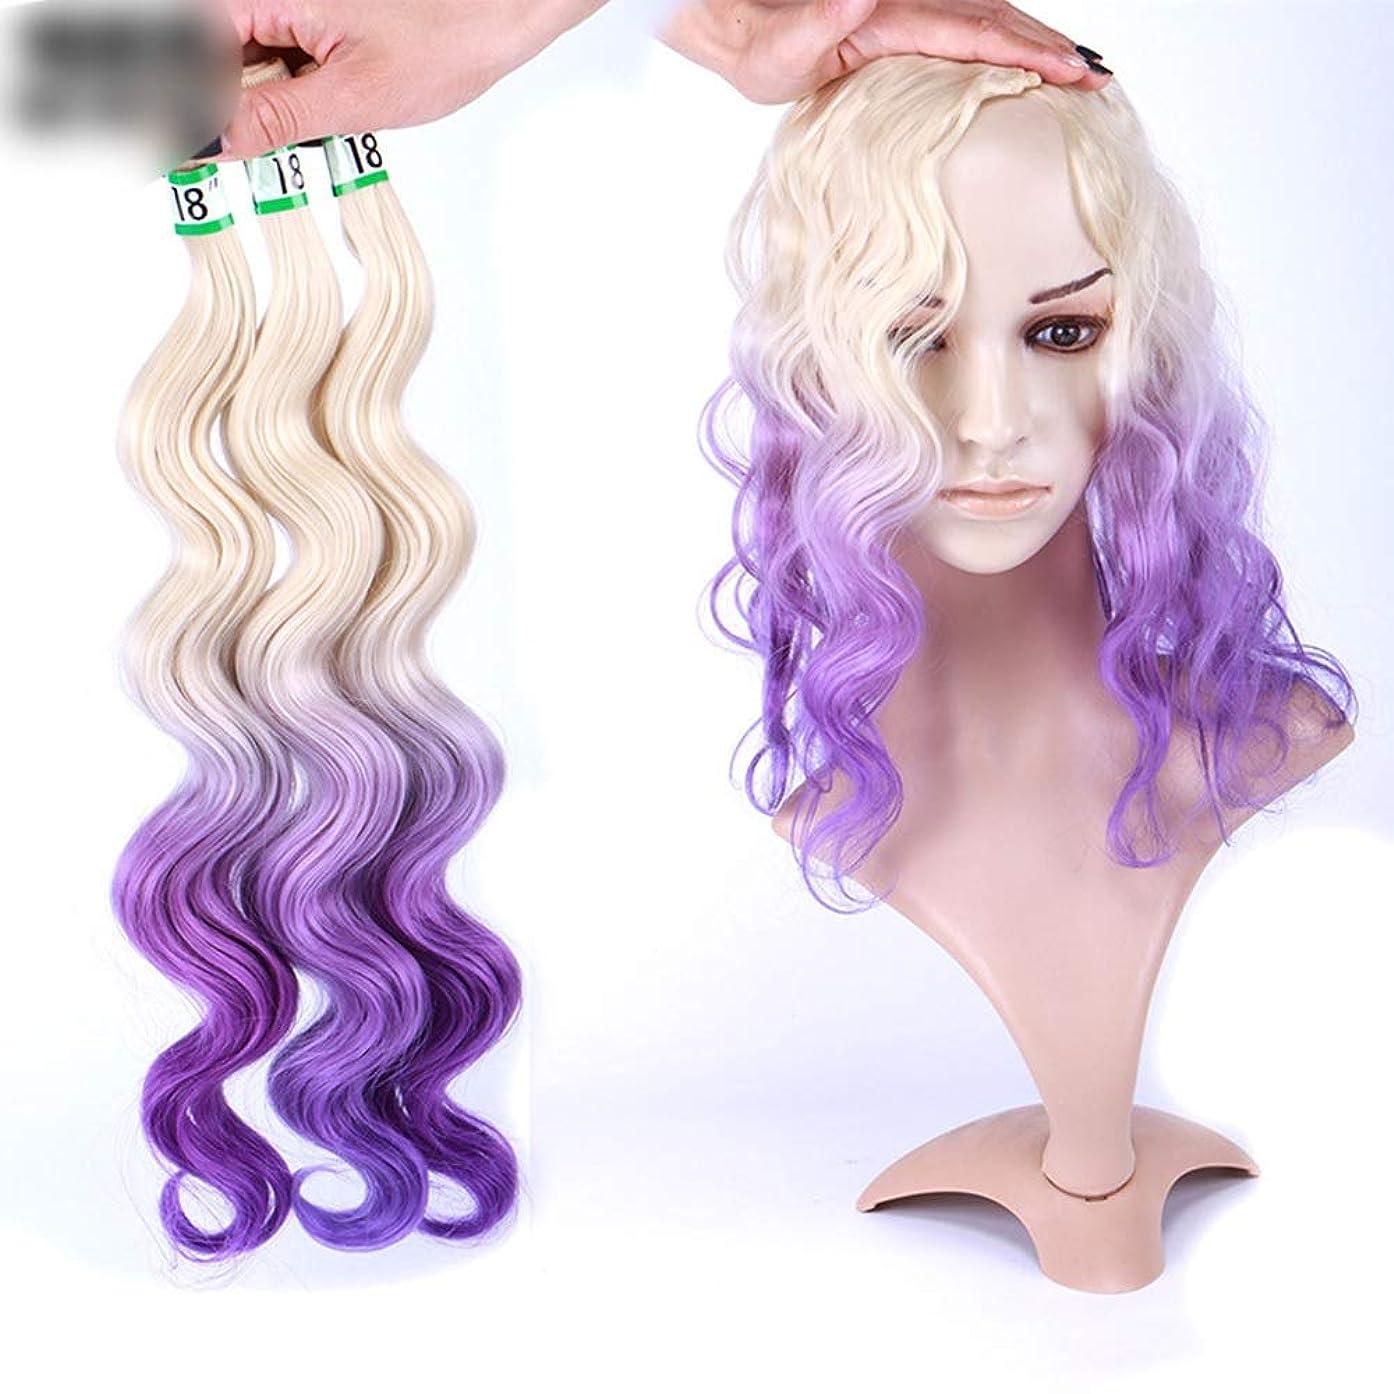 タヒチ二次評判Yrattary ブラジルの実体波の毛3閉鎖無料部分ヘアエクステンション付きバンドル - T 613パープル35 g/個複合ヘアレースかつらロールプレイングかつら長くて短い女性自然 (色 : 紫の, サイズ : 18